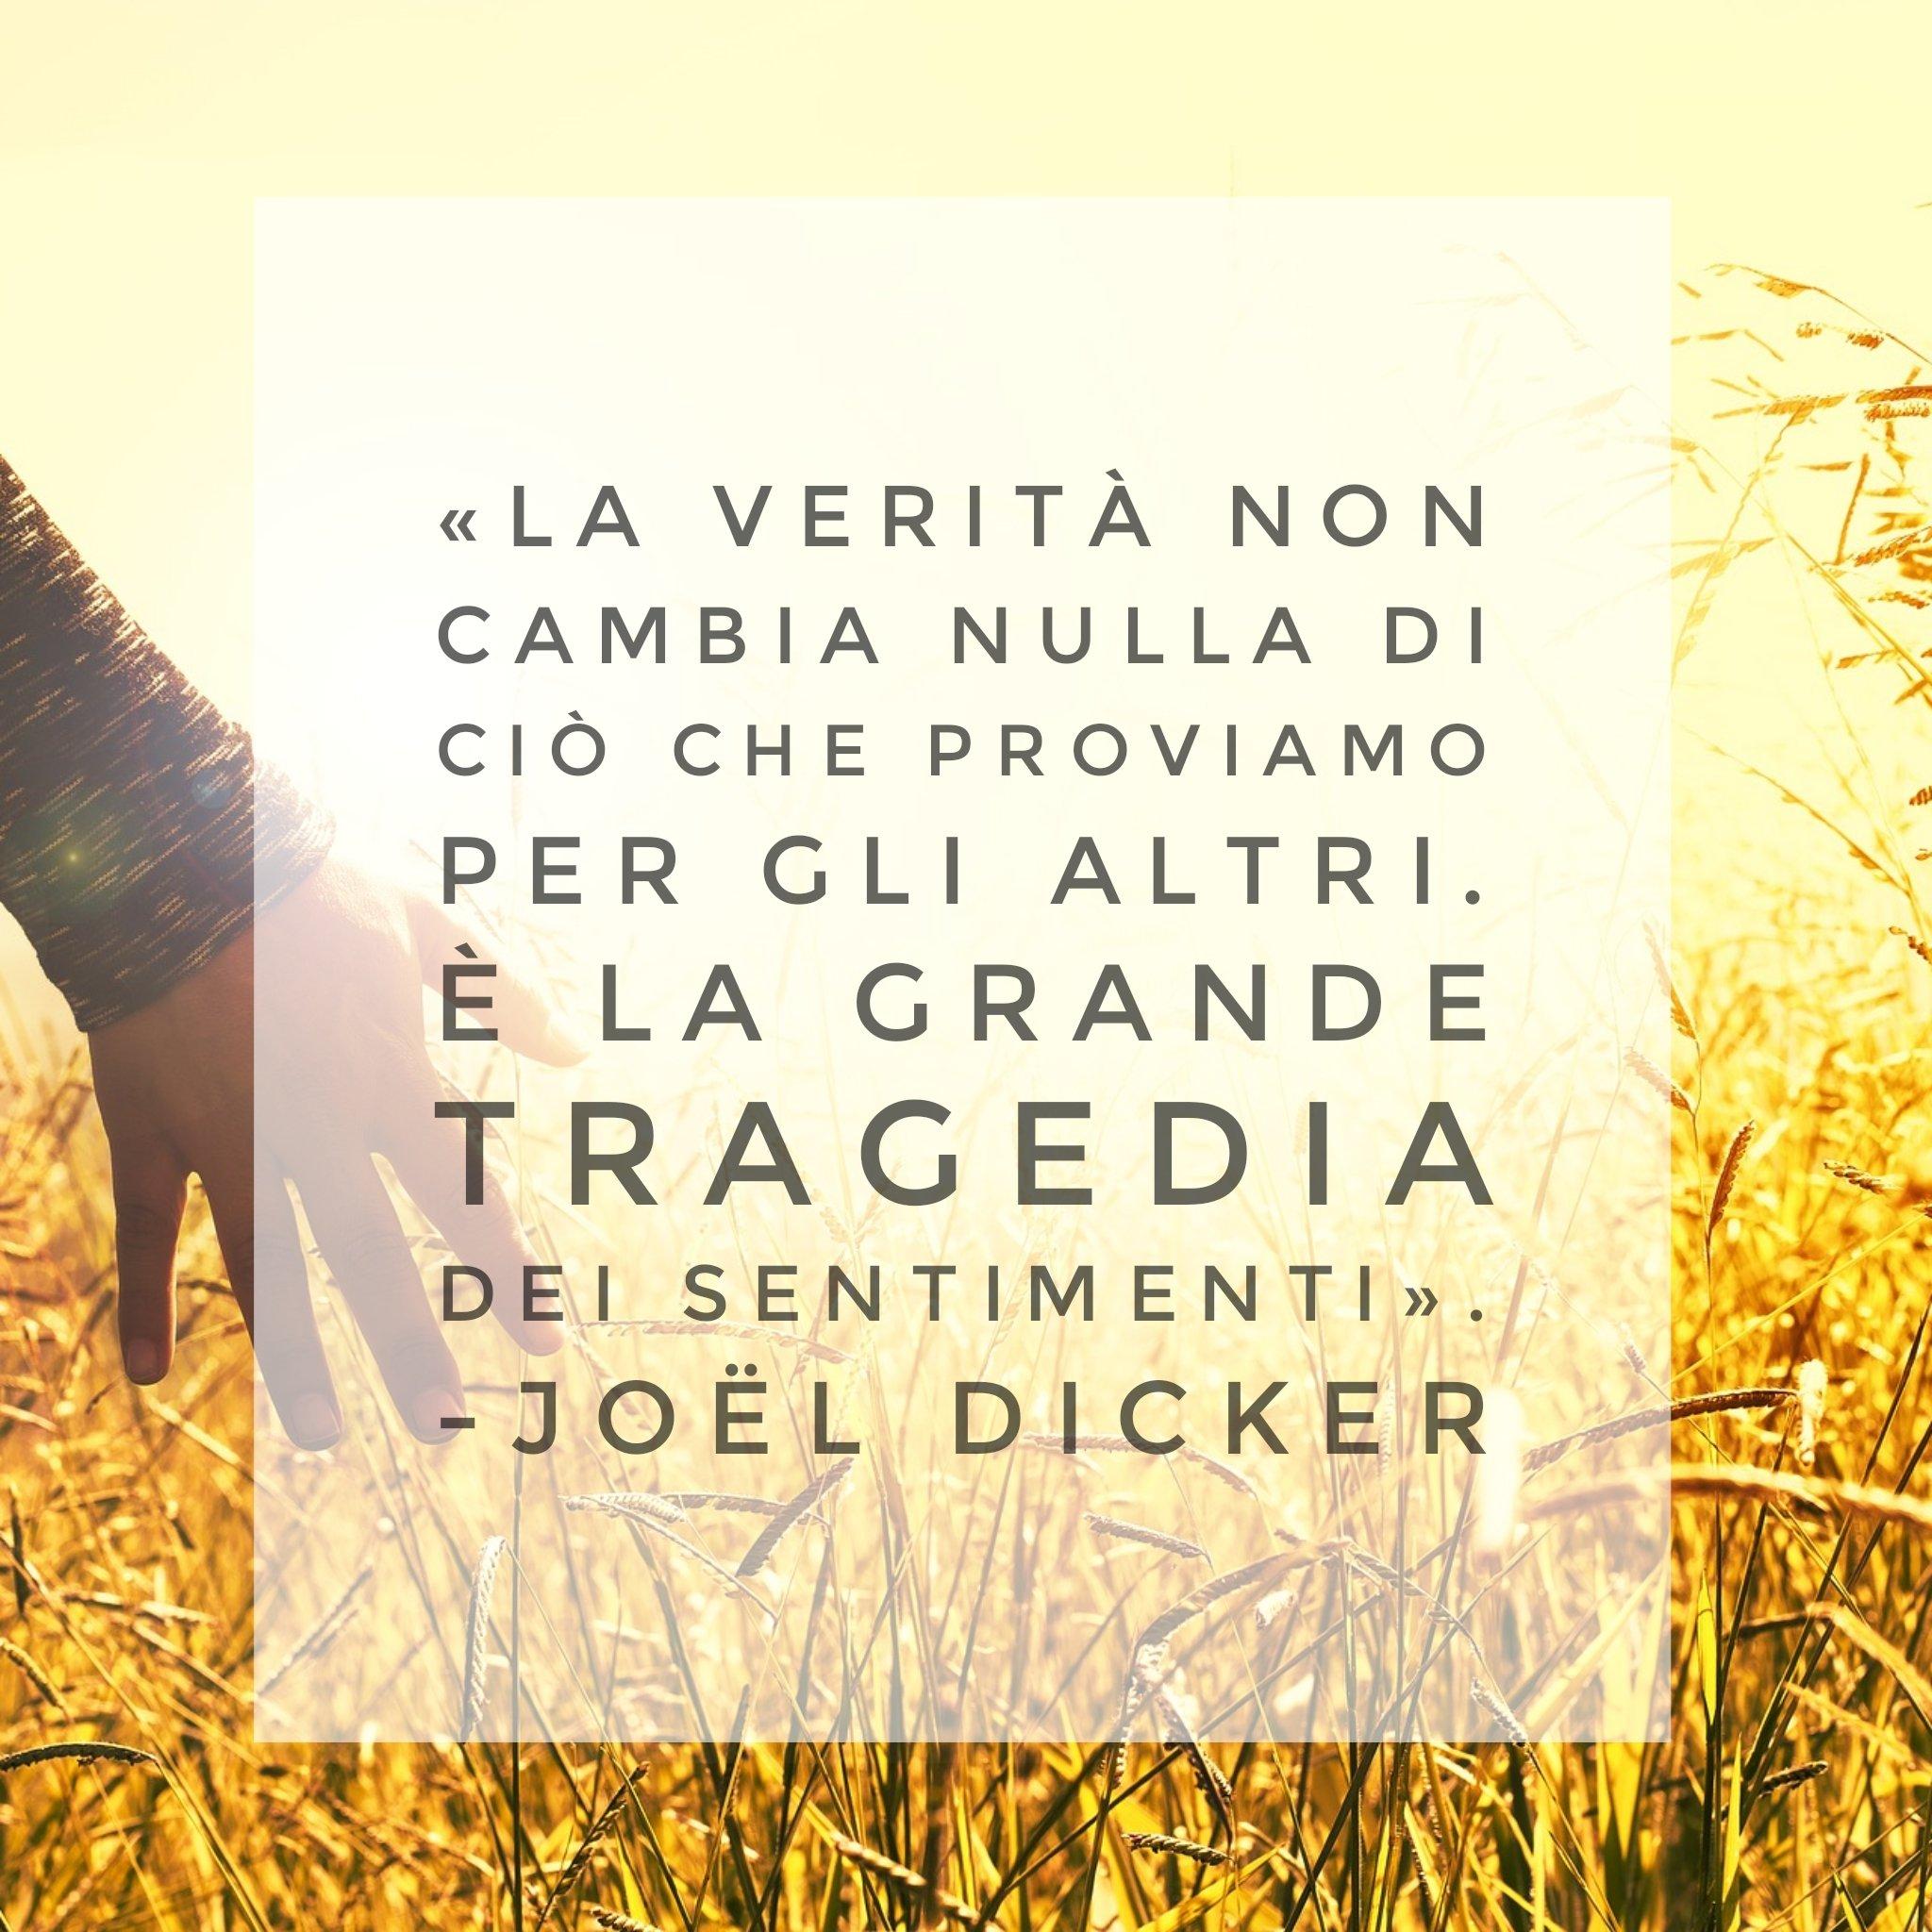 Situazioni senza soluzione: come accettarle. | Tiziano Solignani